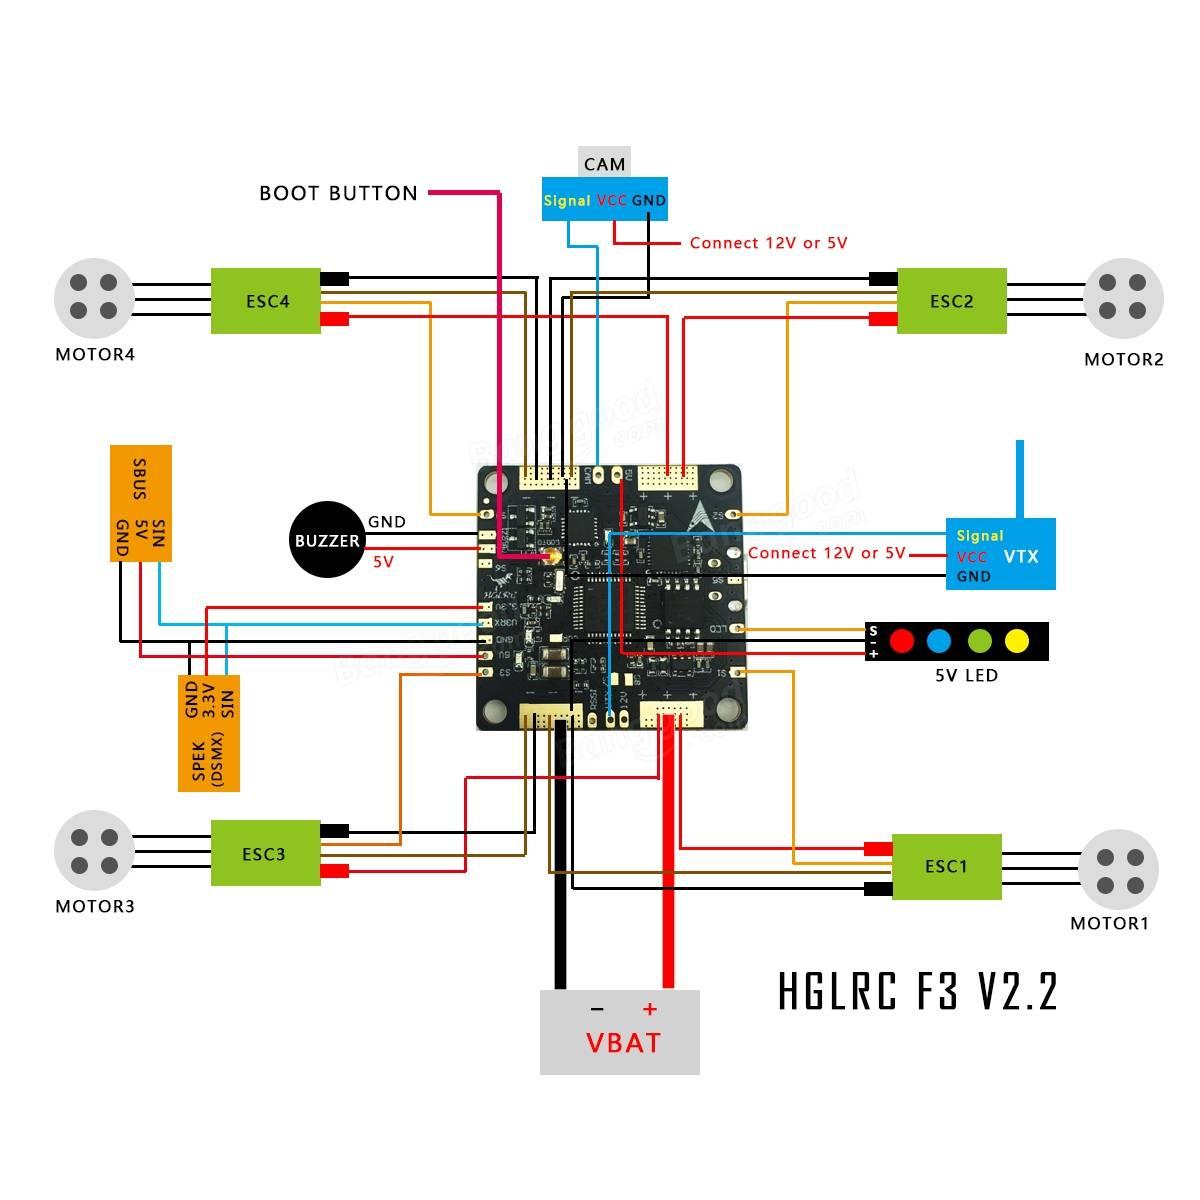 Wiring Emerson Diagram Motor Ks55bxfs 352 Modern Design Of Rc Light Schematic Schematics Rh Leonardofaccoeditore Com